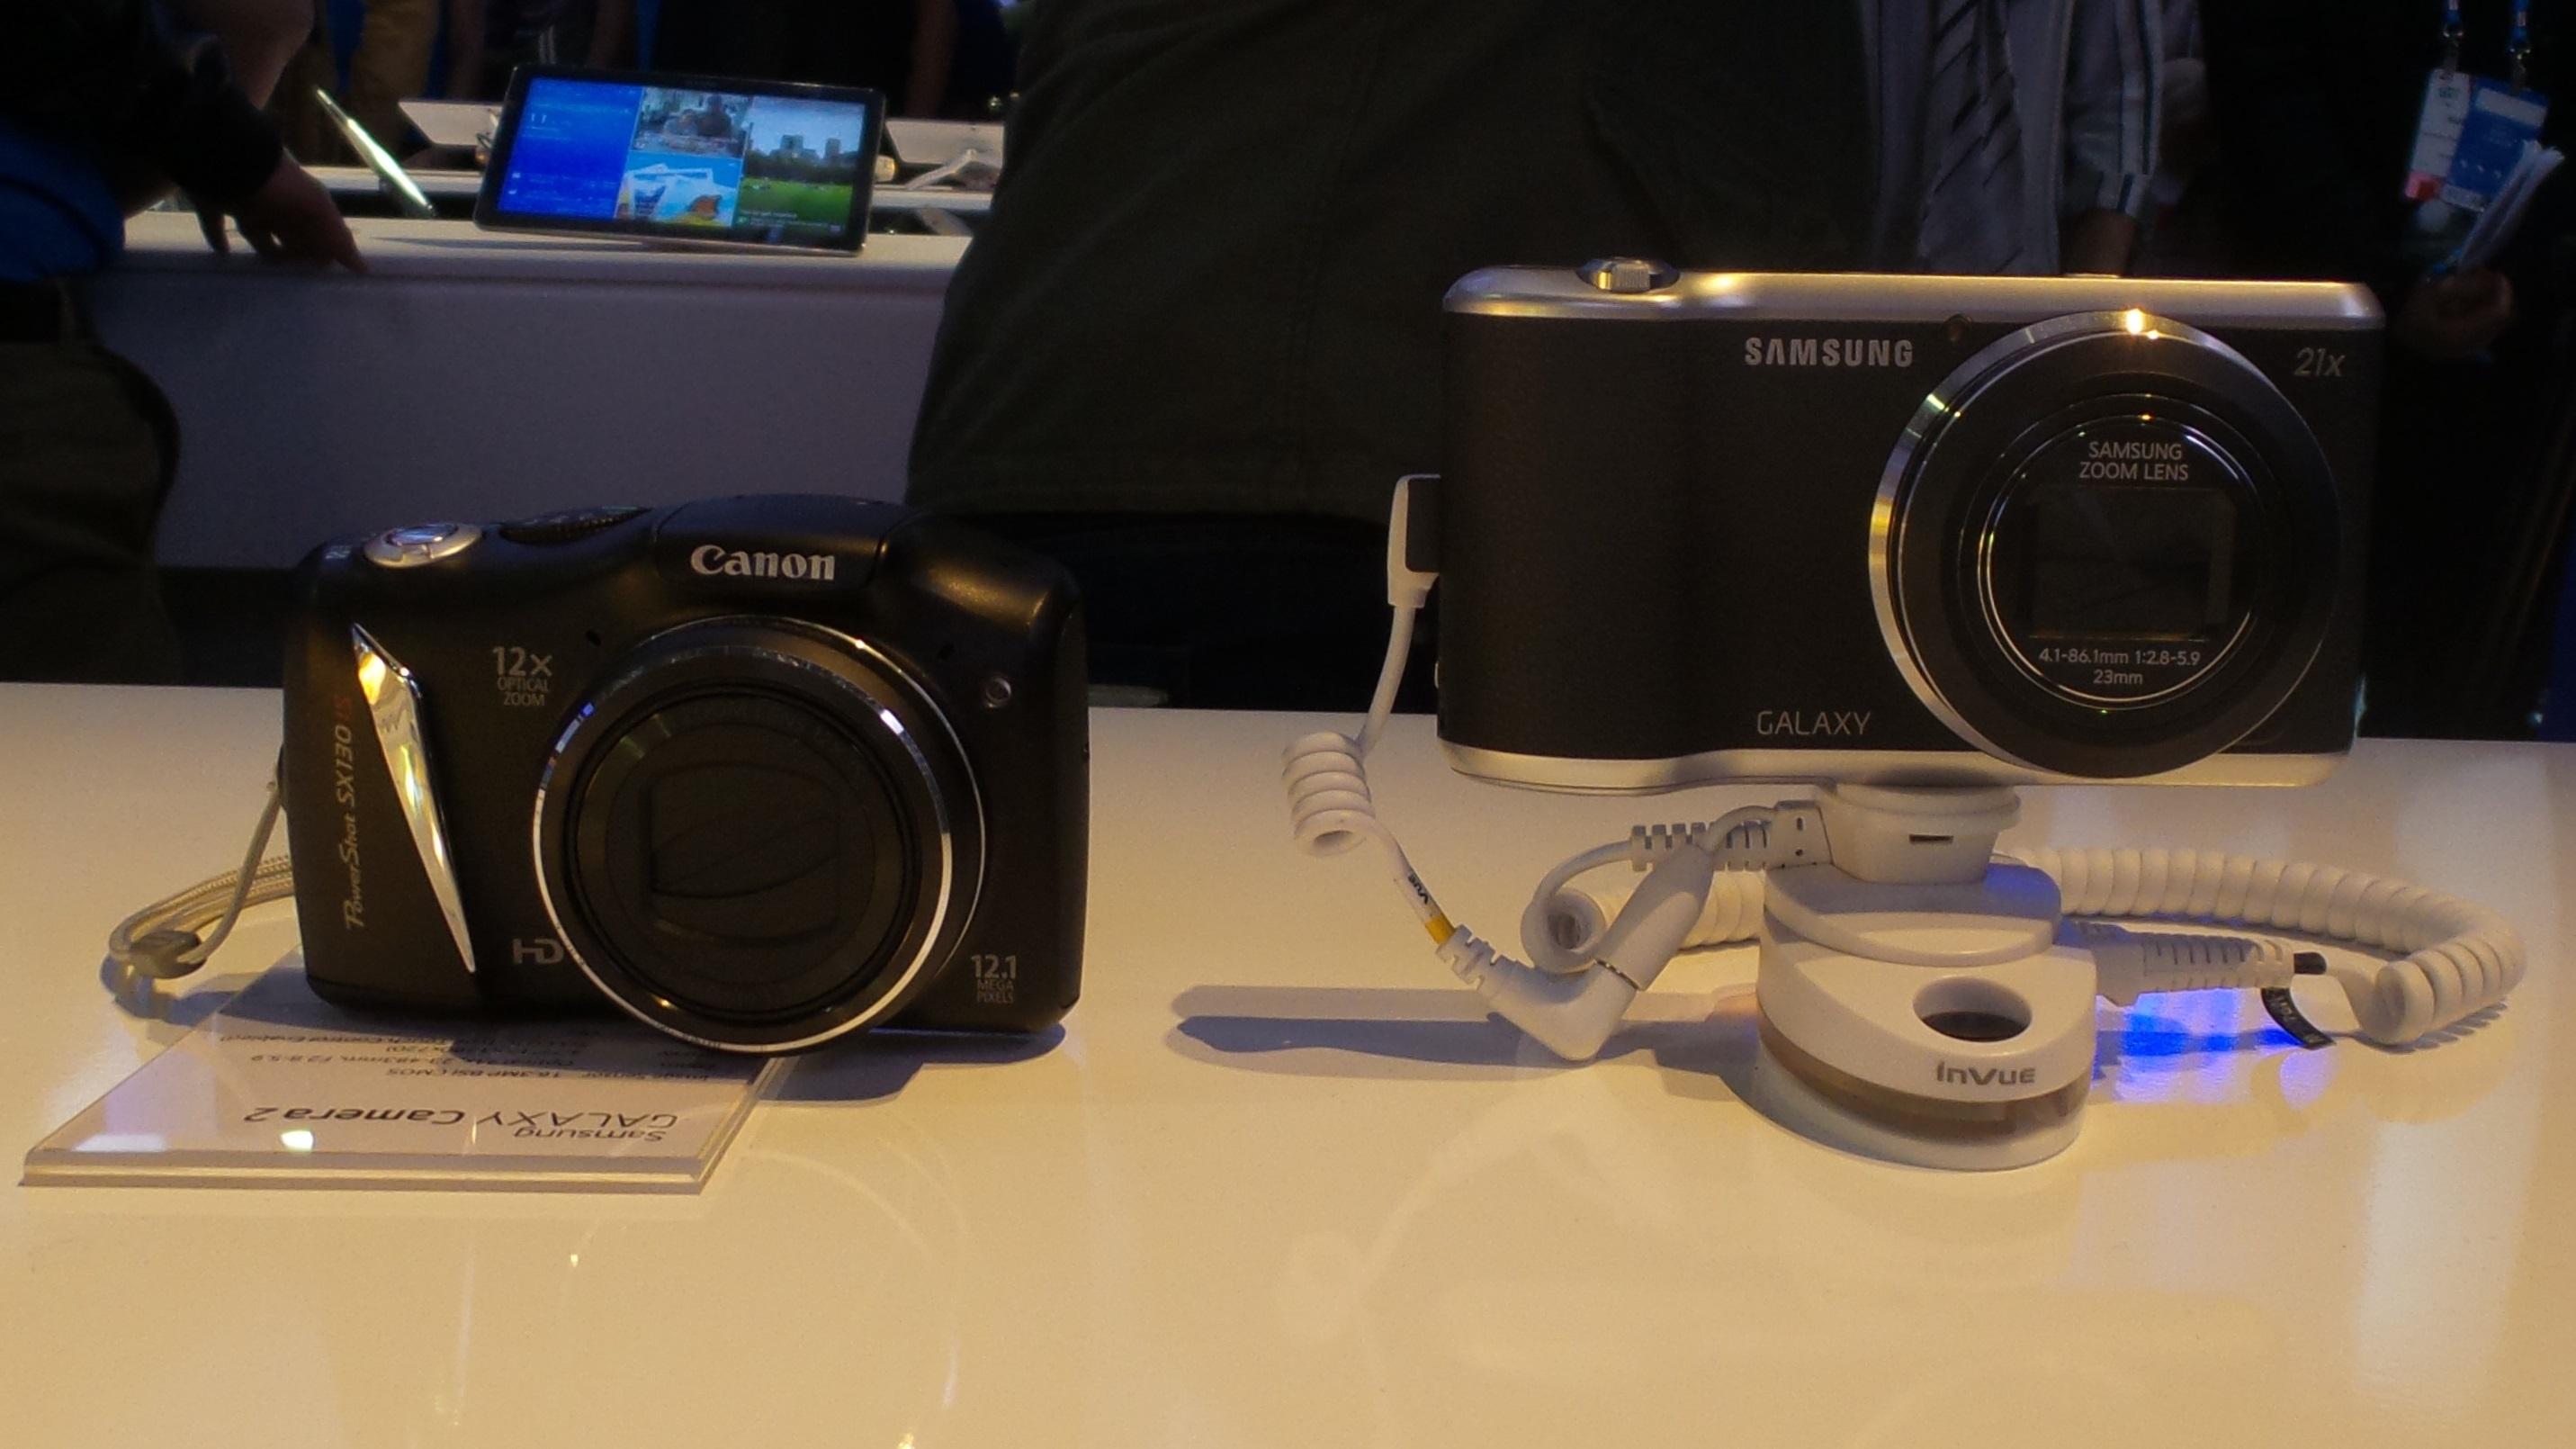 galaxy camera 2 samsung vs canon